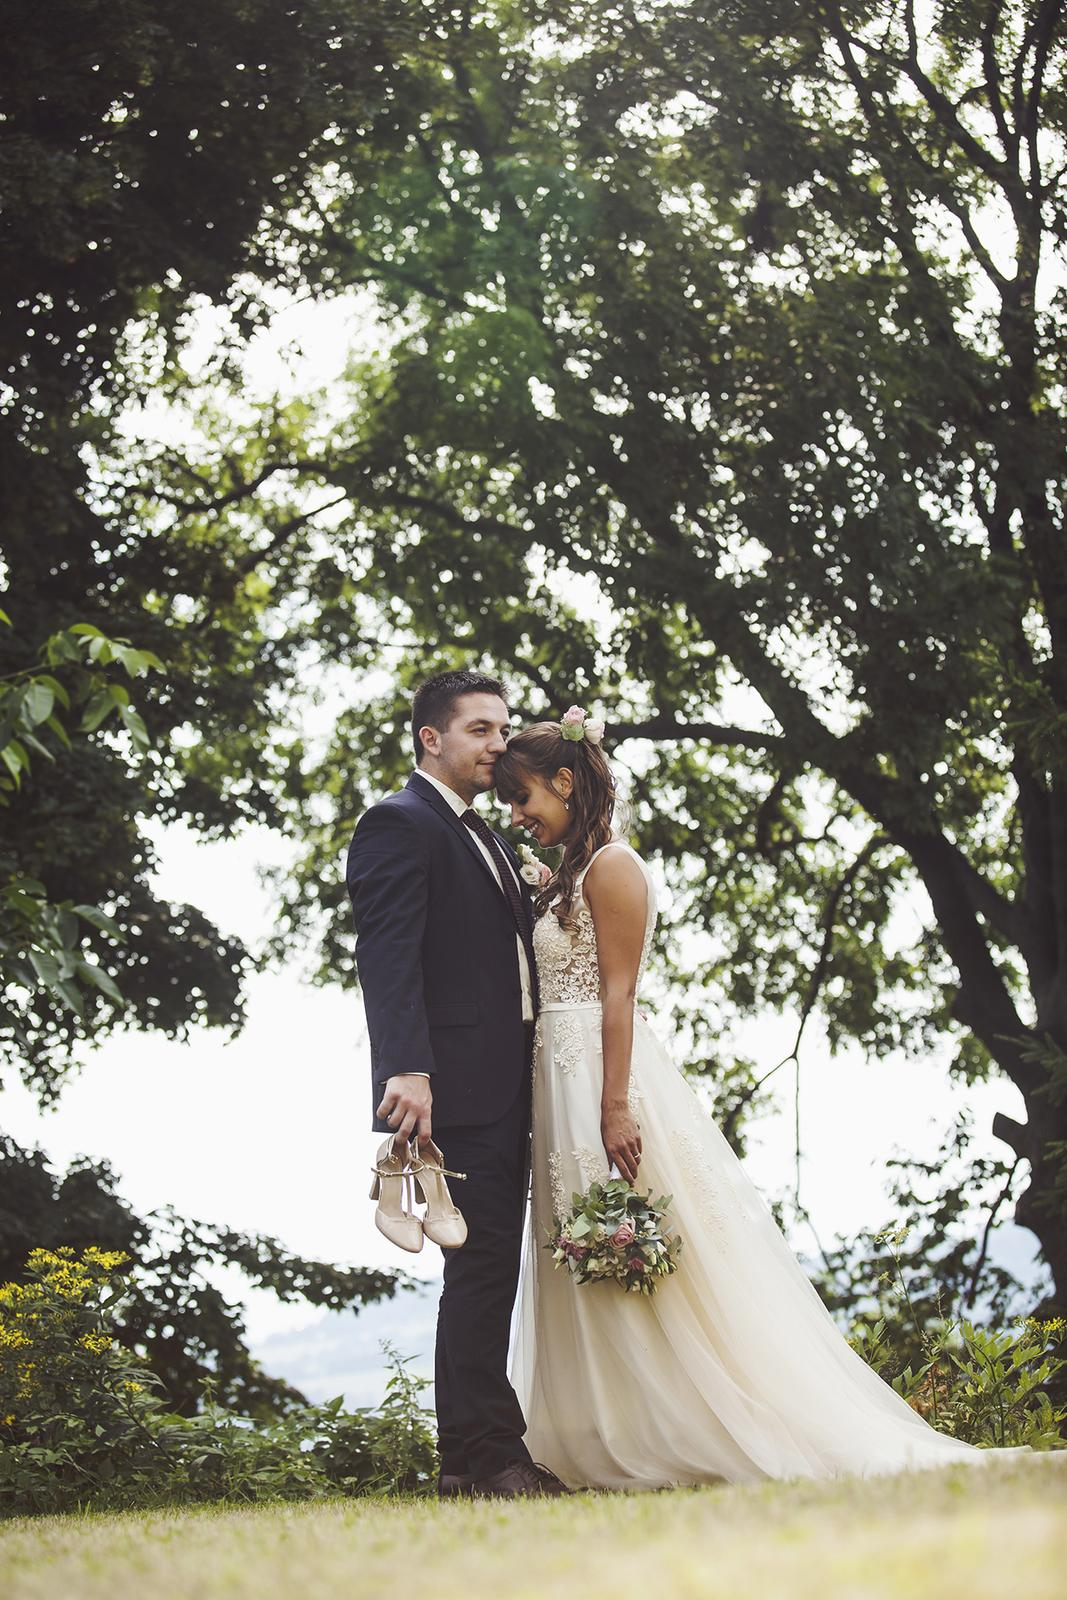 Svatba Krkonose - Obrázek č. 56